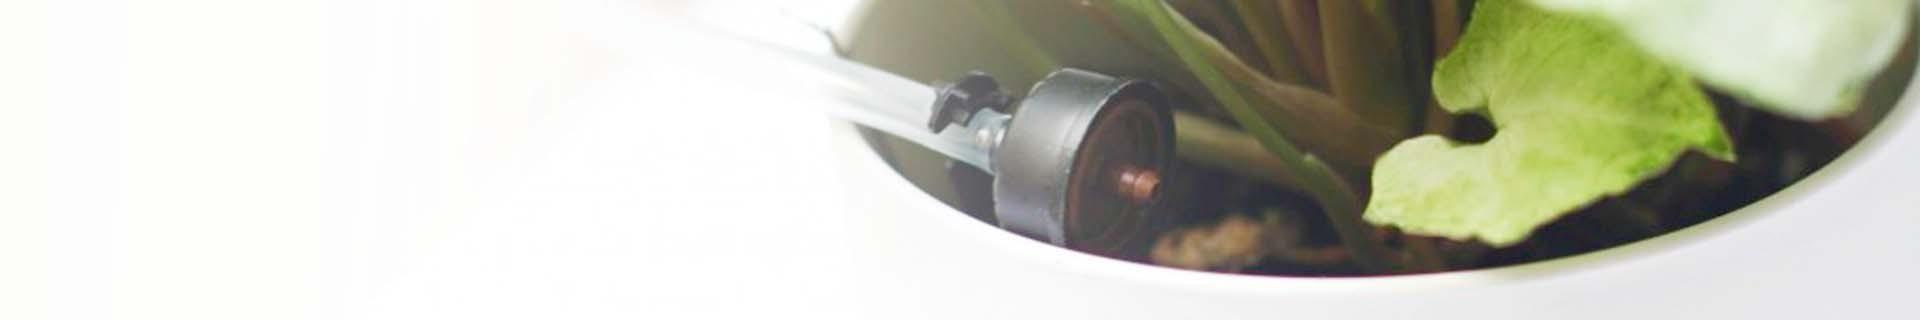 Irrigazione automatica CitySens